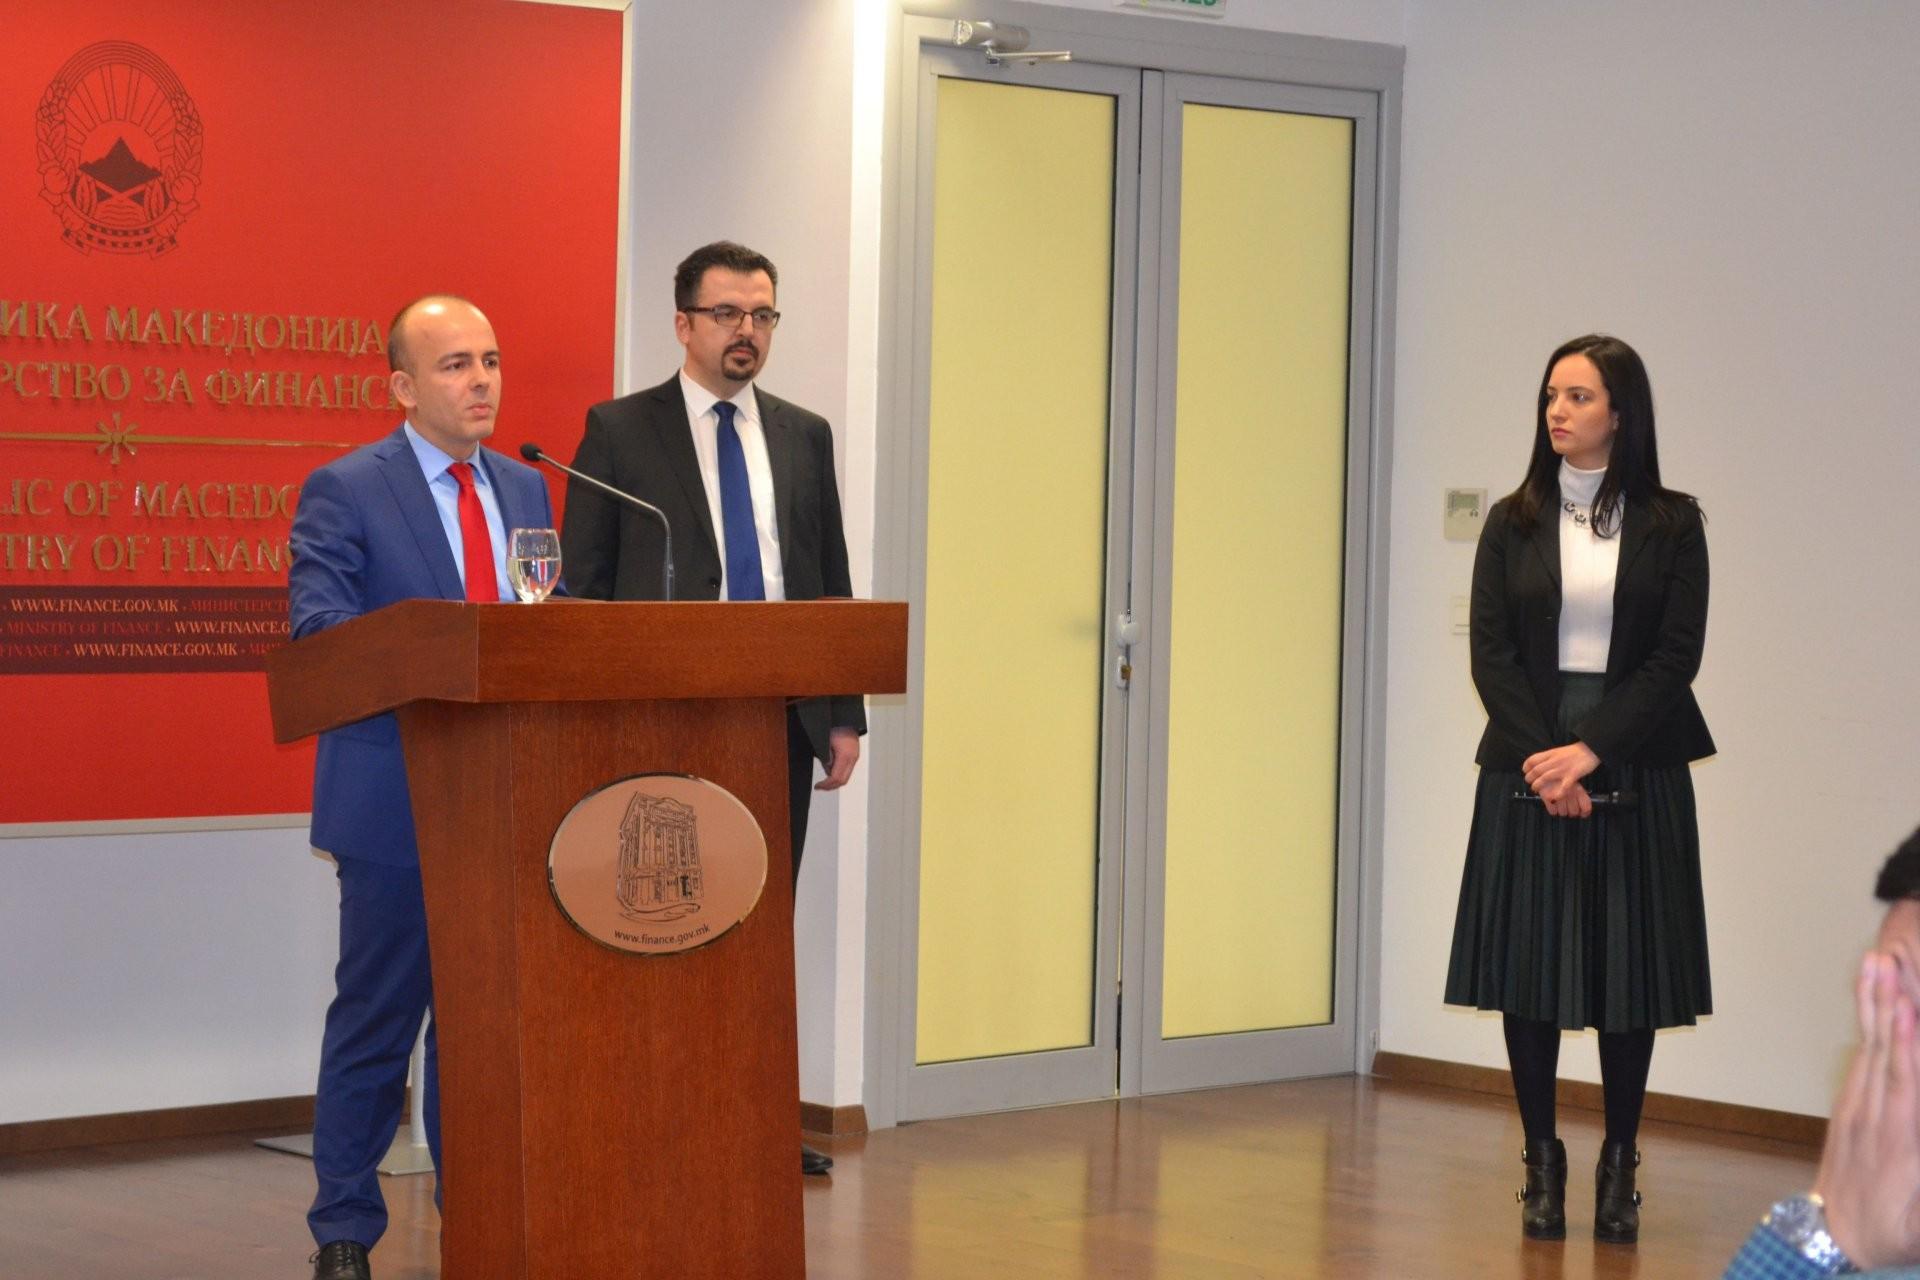 Тевдовски  Нето задолжувањето со оваа еврообврзница изнесува околу 300 милиони евра